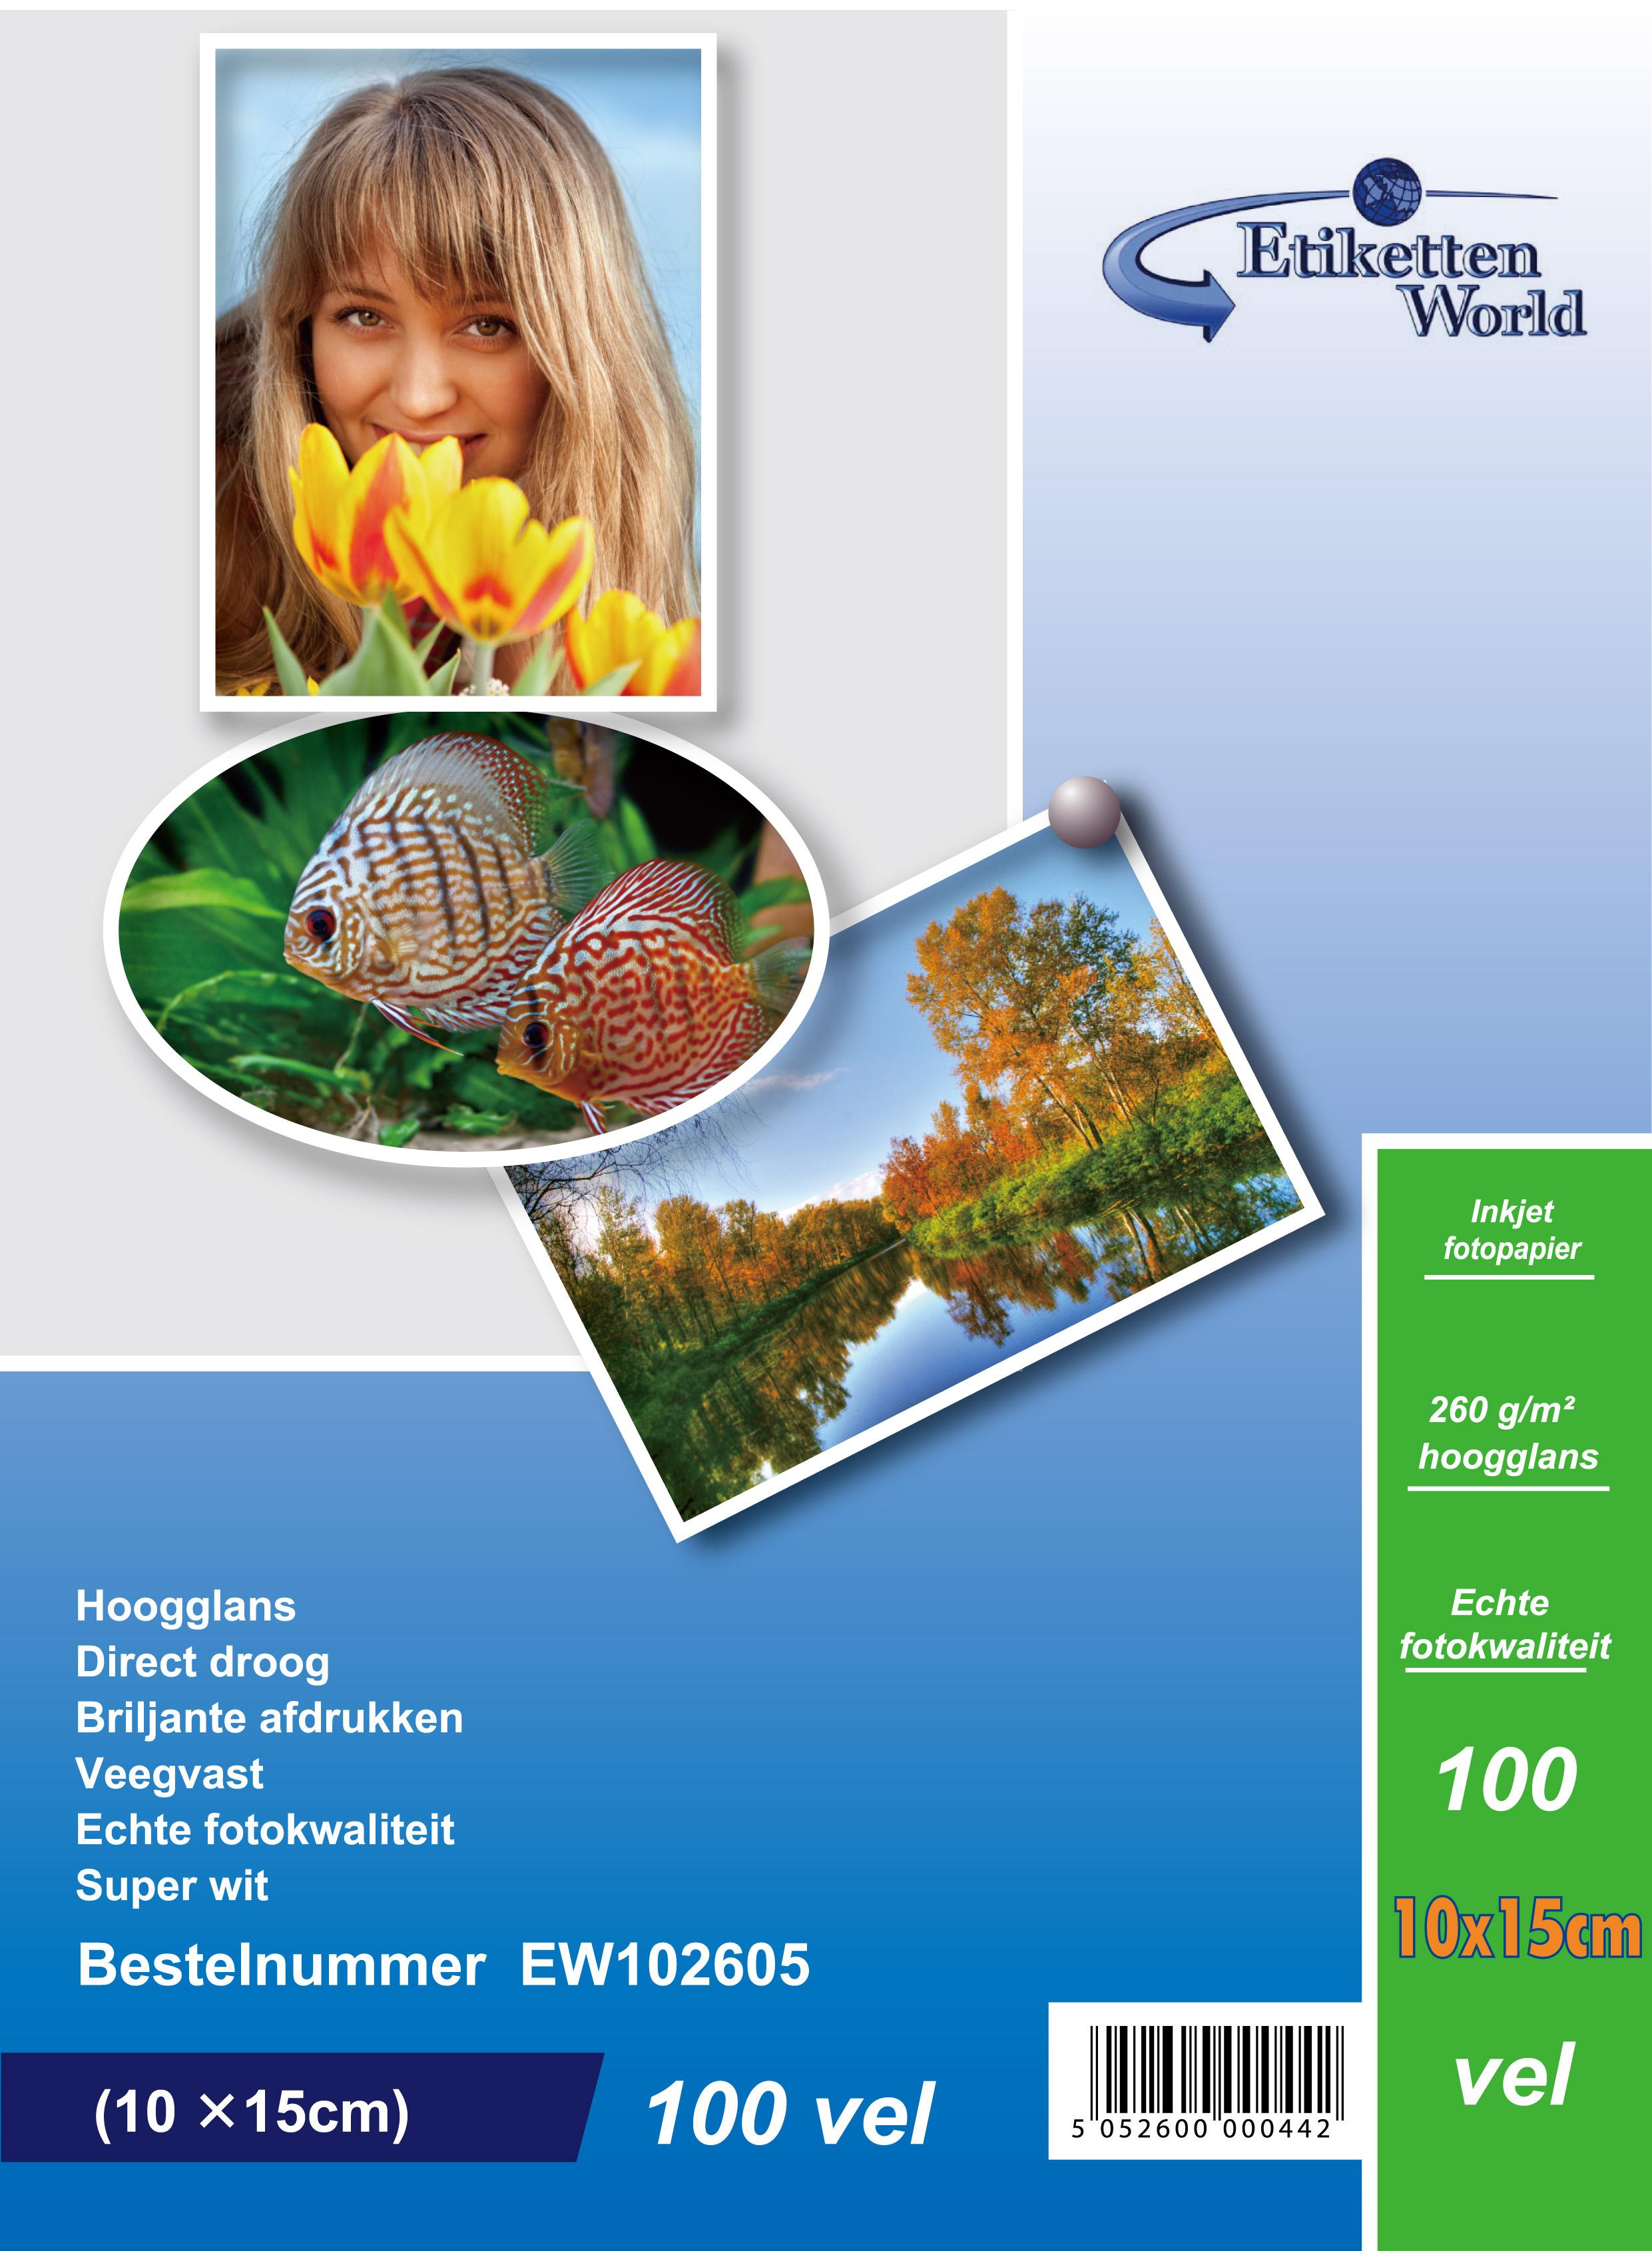 EtikettenWorld BV Fotopapier 10x15 cm 260g/qm High Glossy und wasserfest